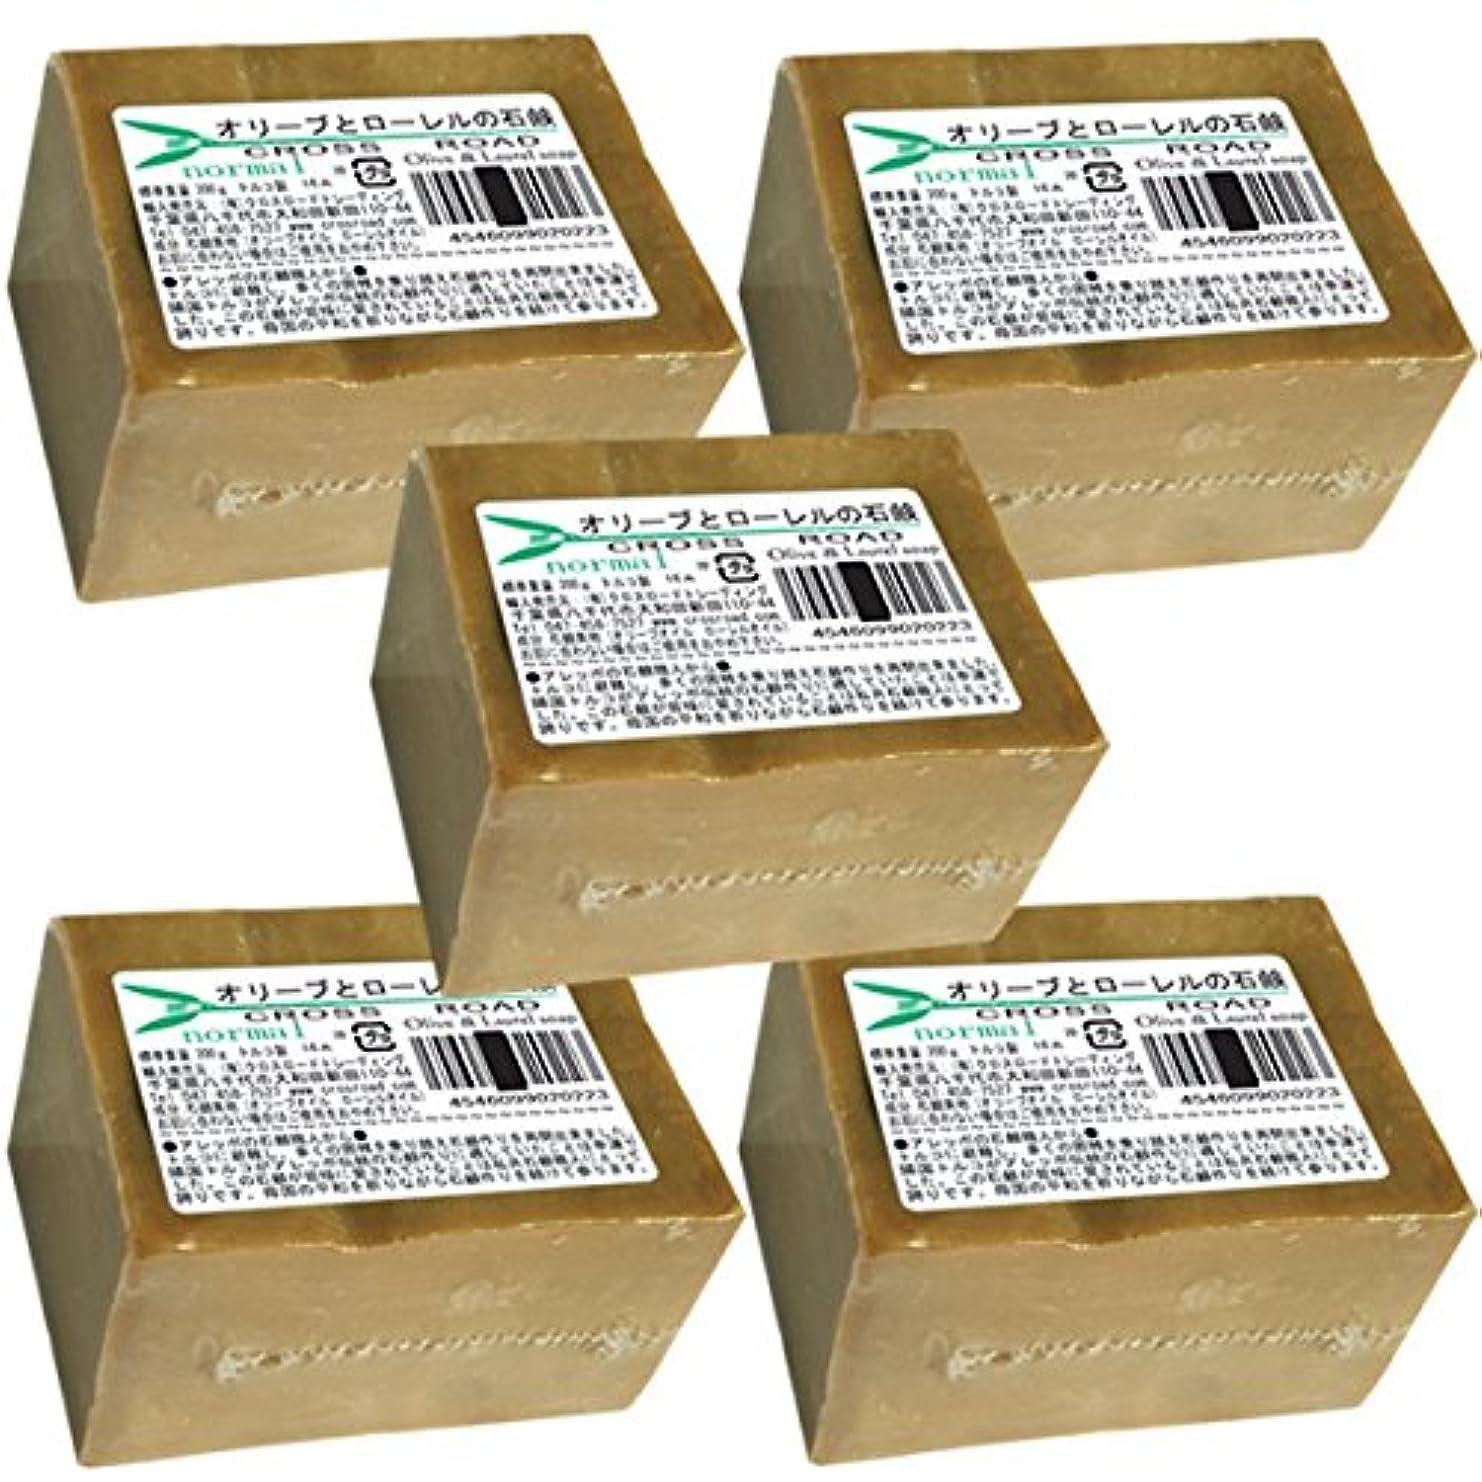 稚魚軍隊インスタントオリーブとローレルの石鹸(ノーマル)5個セット[並行輸入品]